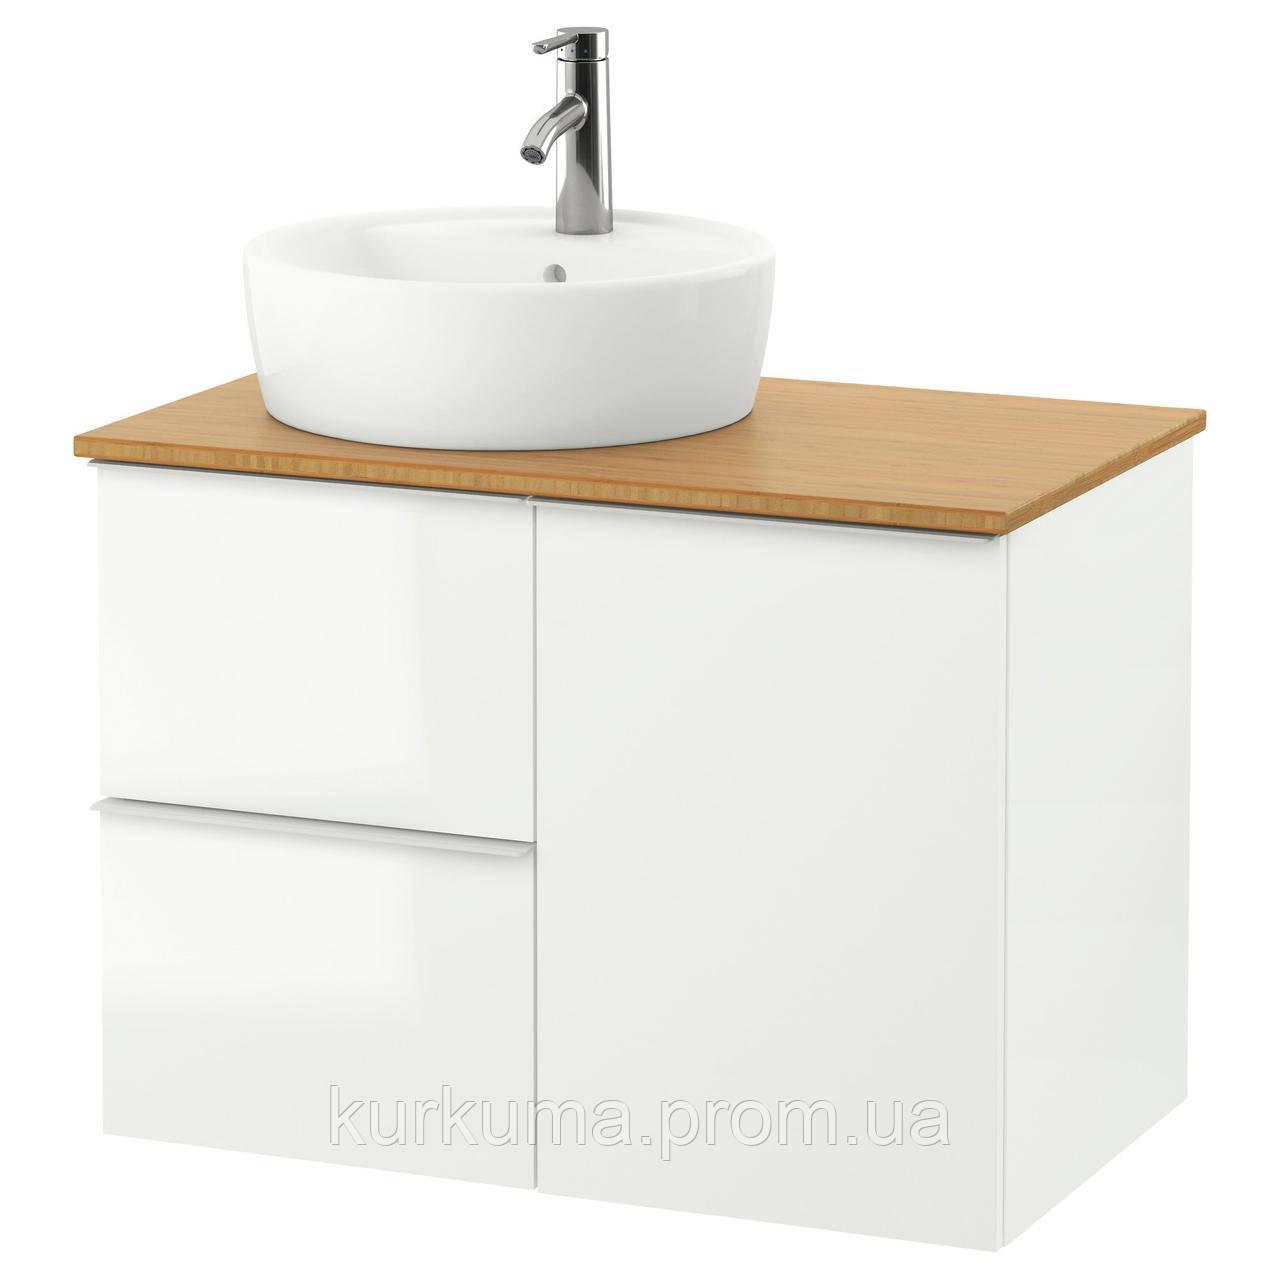 IKEA GODMORGON/TOLKEN/TORNVIKEN Шкаф под умывальник с раковиной 45 см, глянцевый белый, бамбук  (691.911.01)